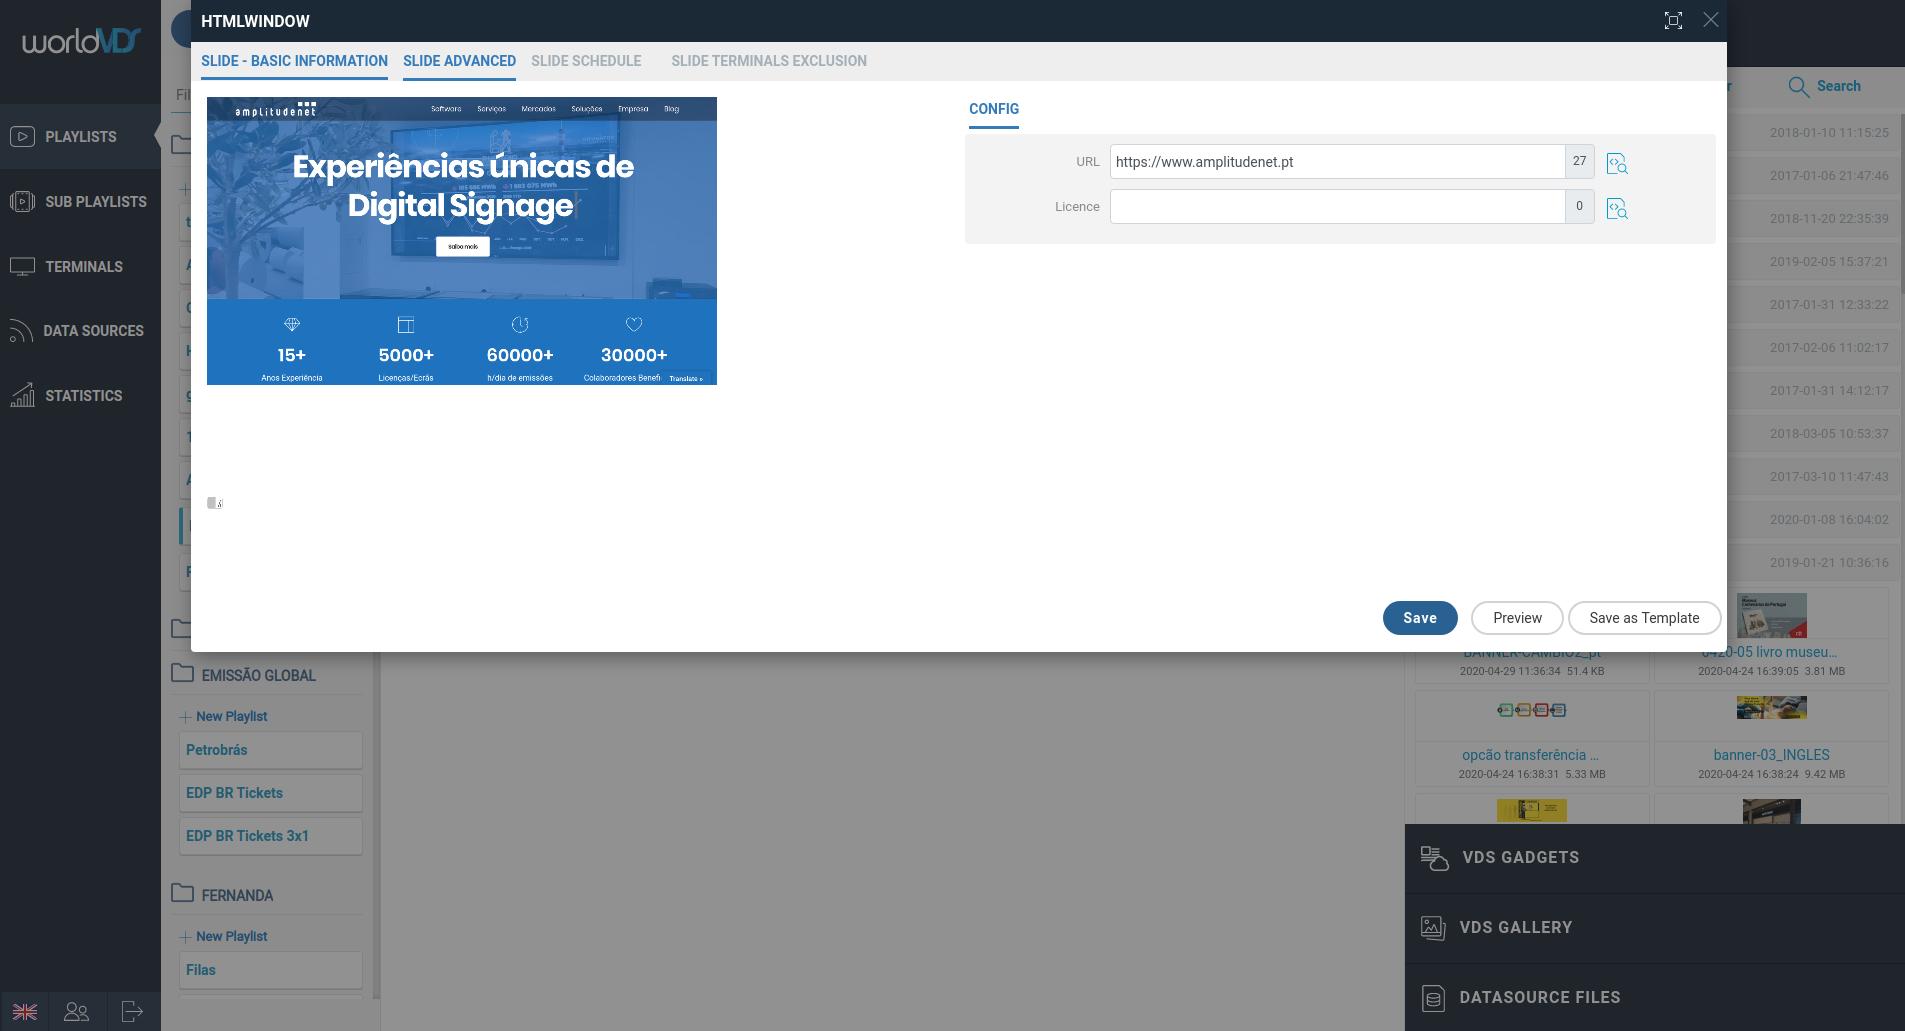 VDS_Server_HTML.png